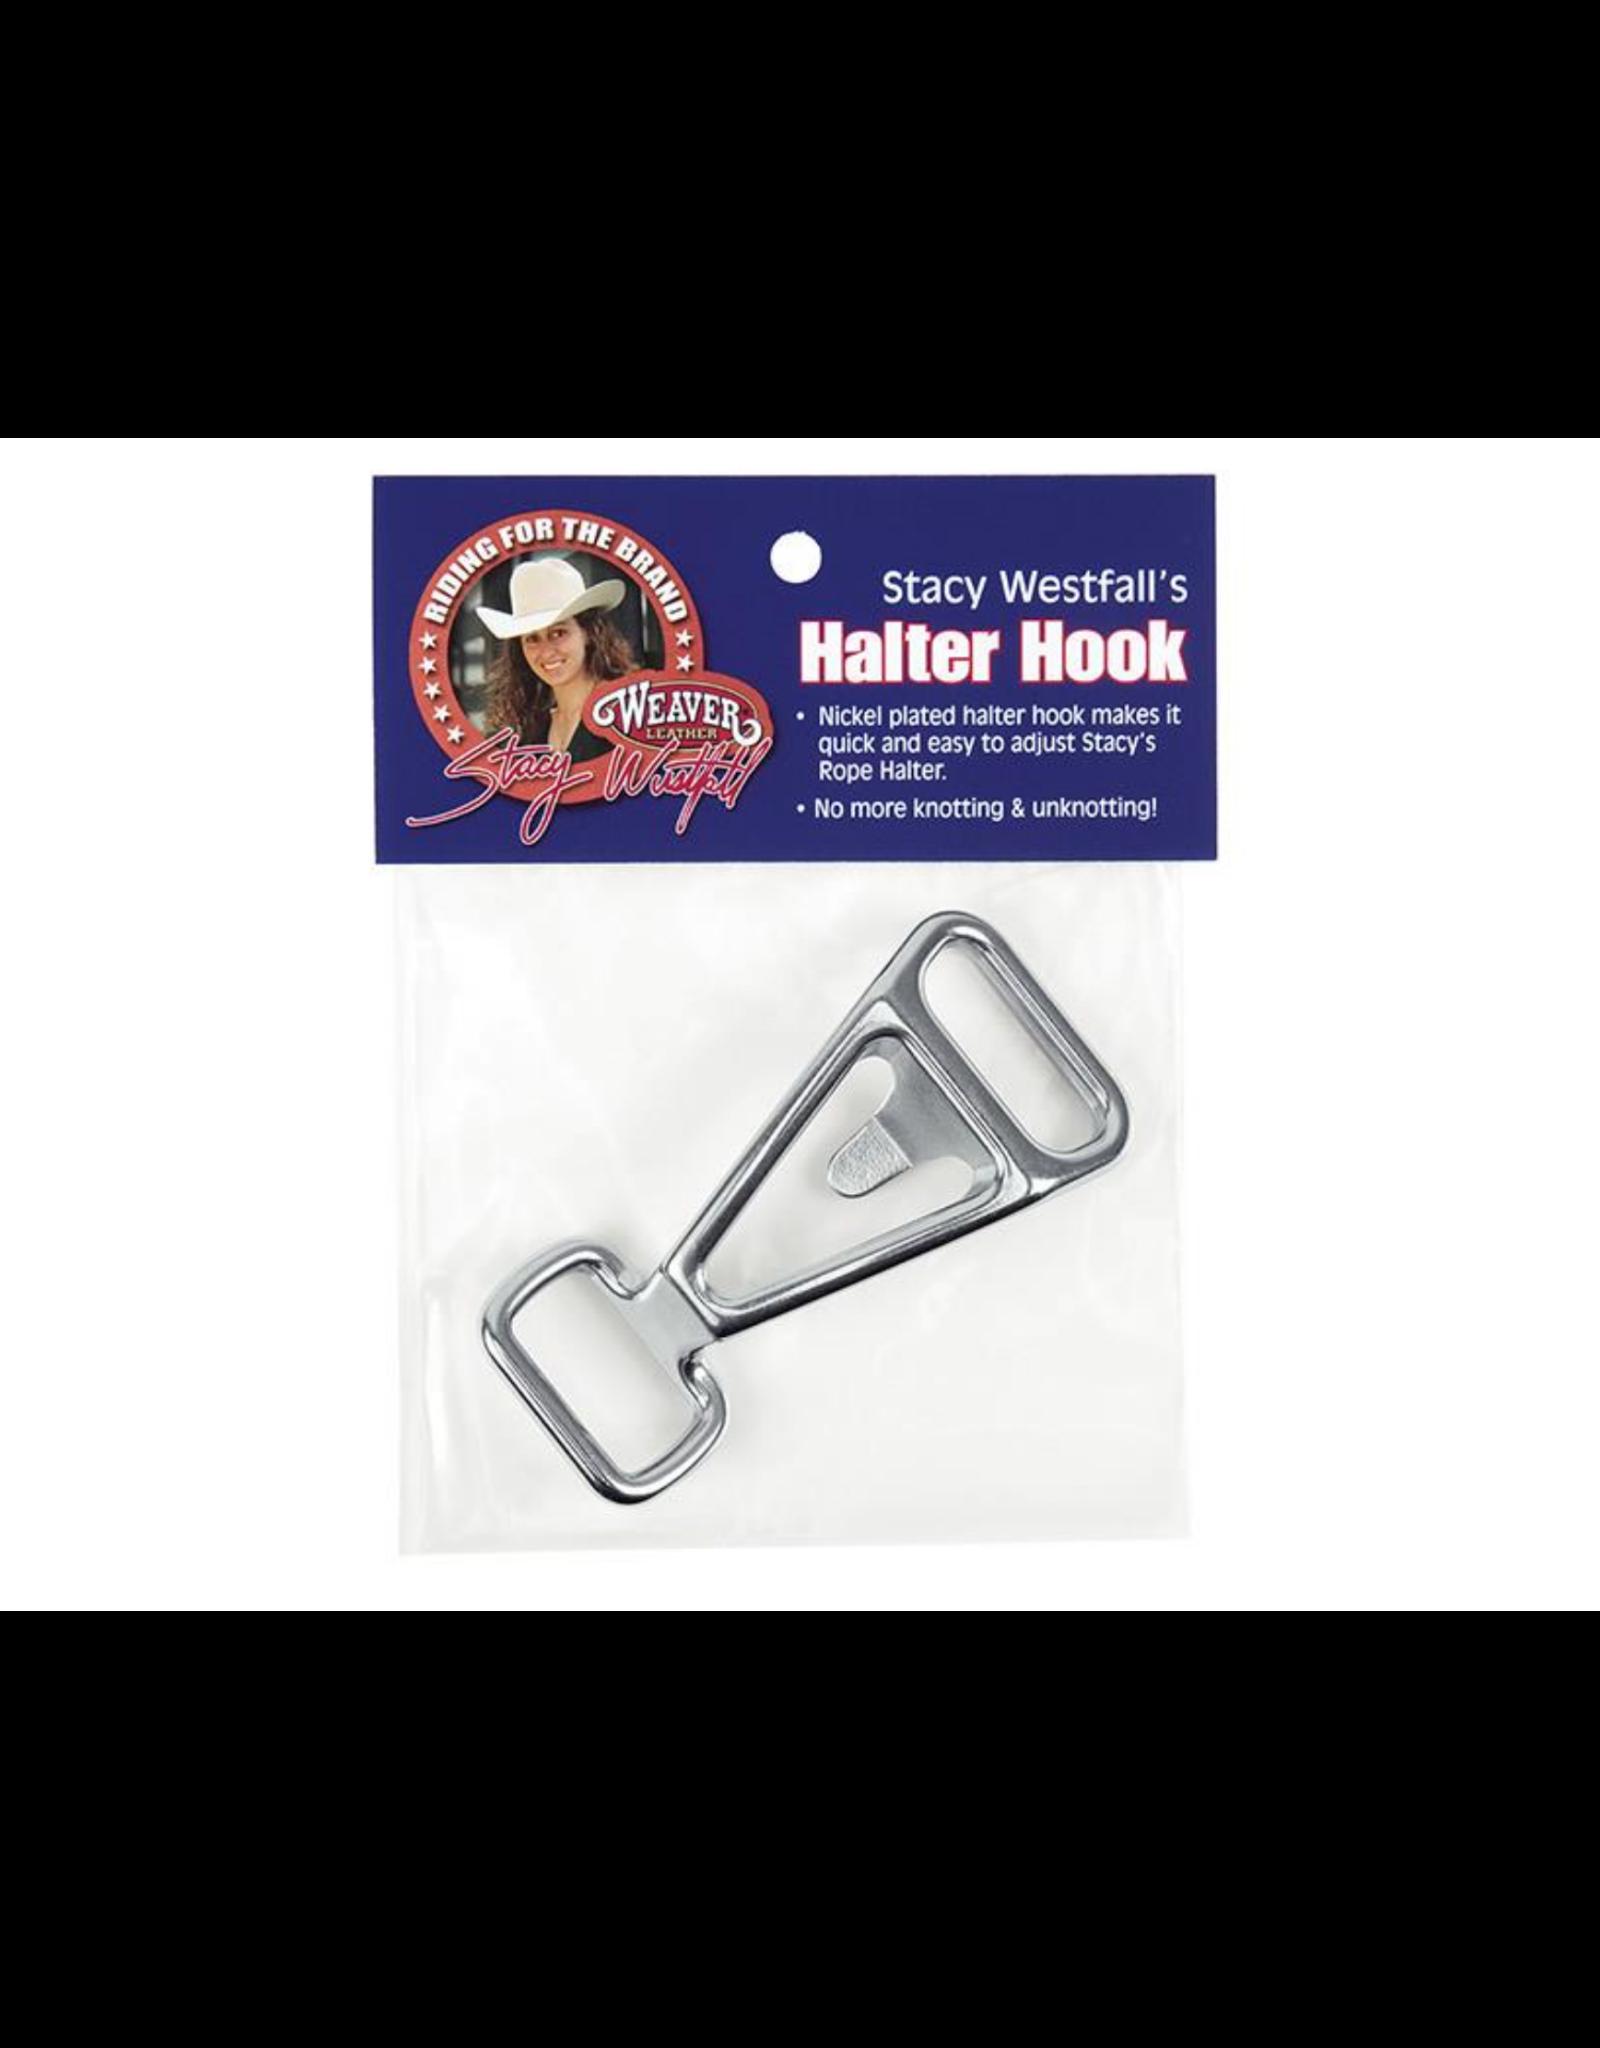 Halter Hook